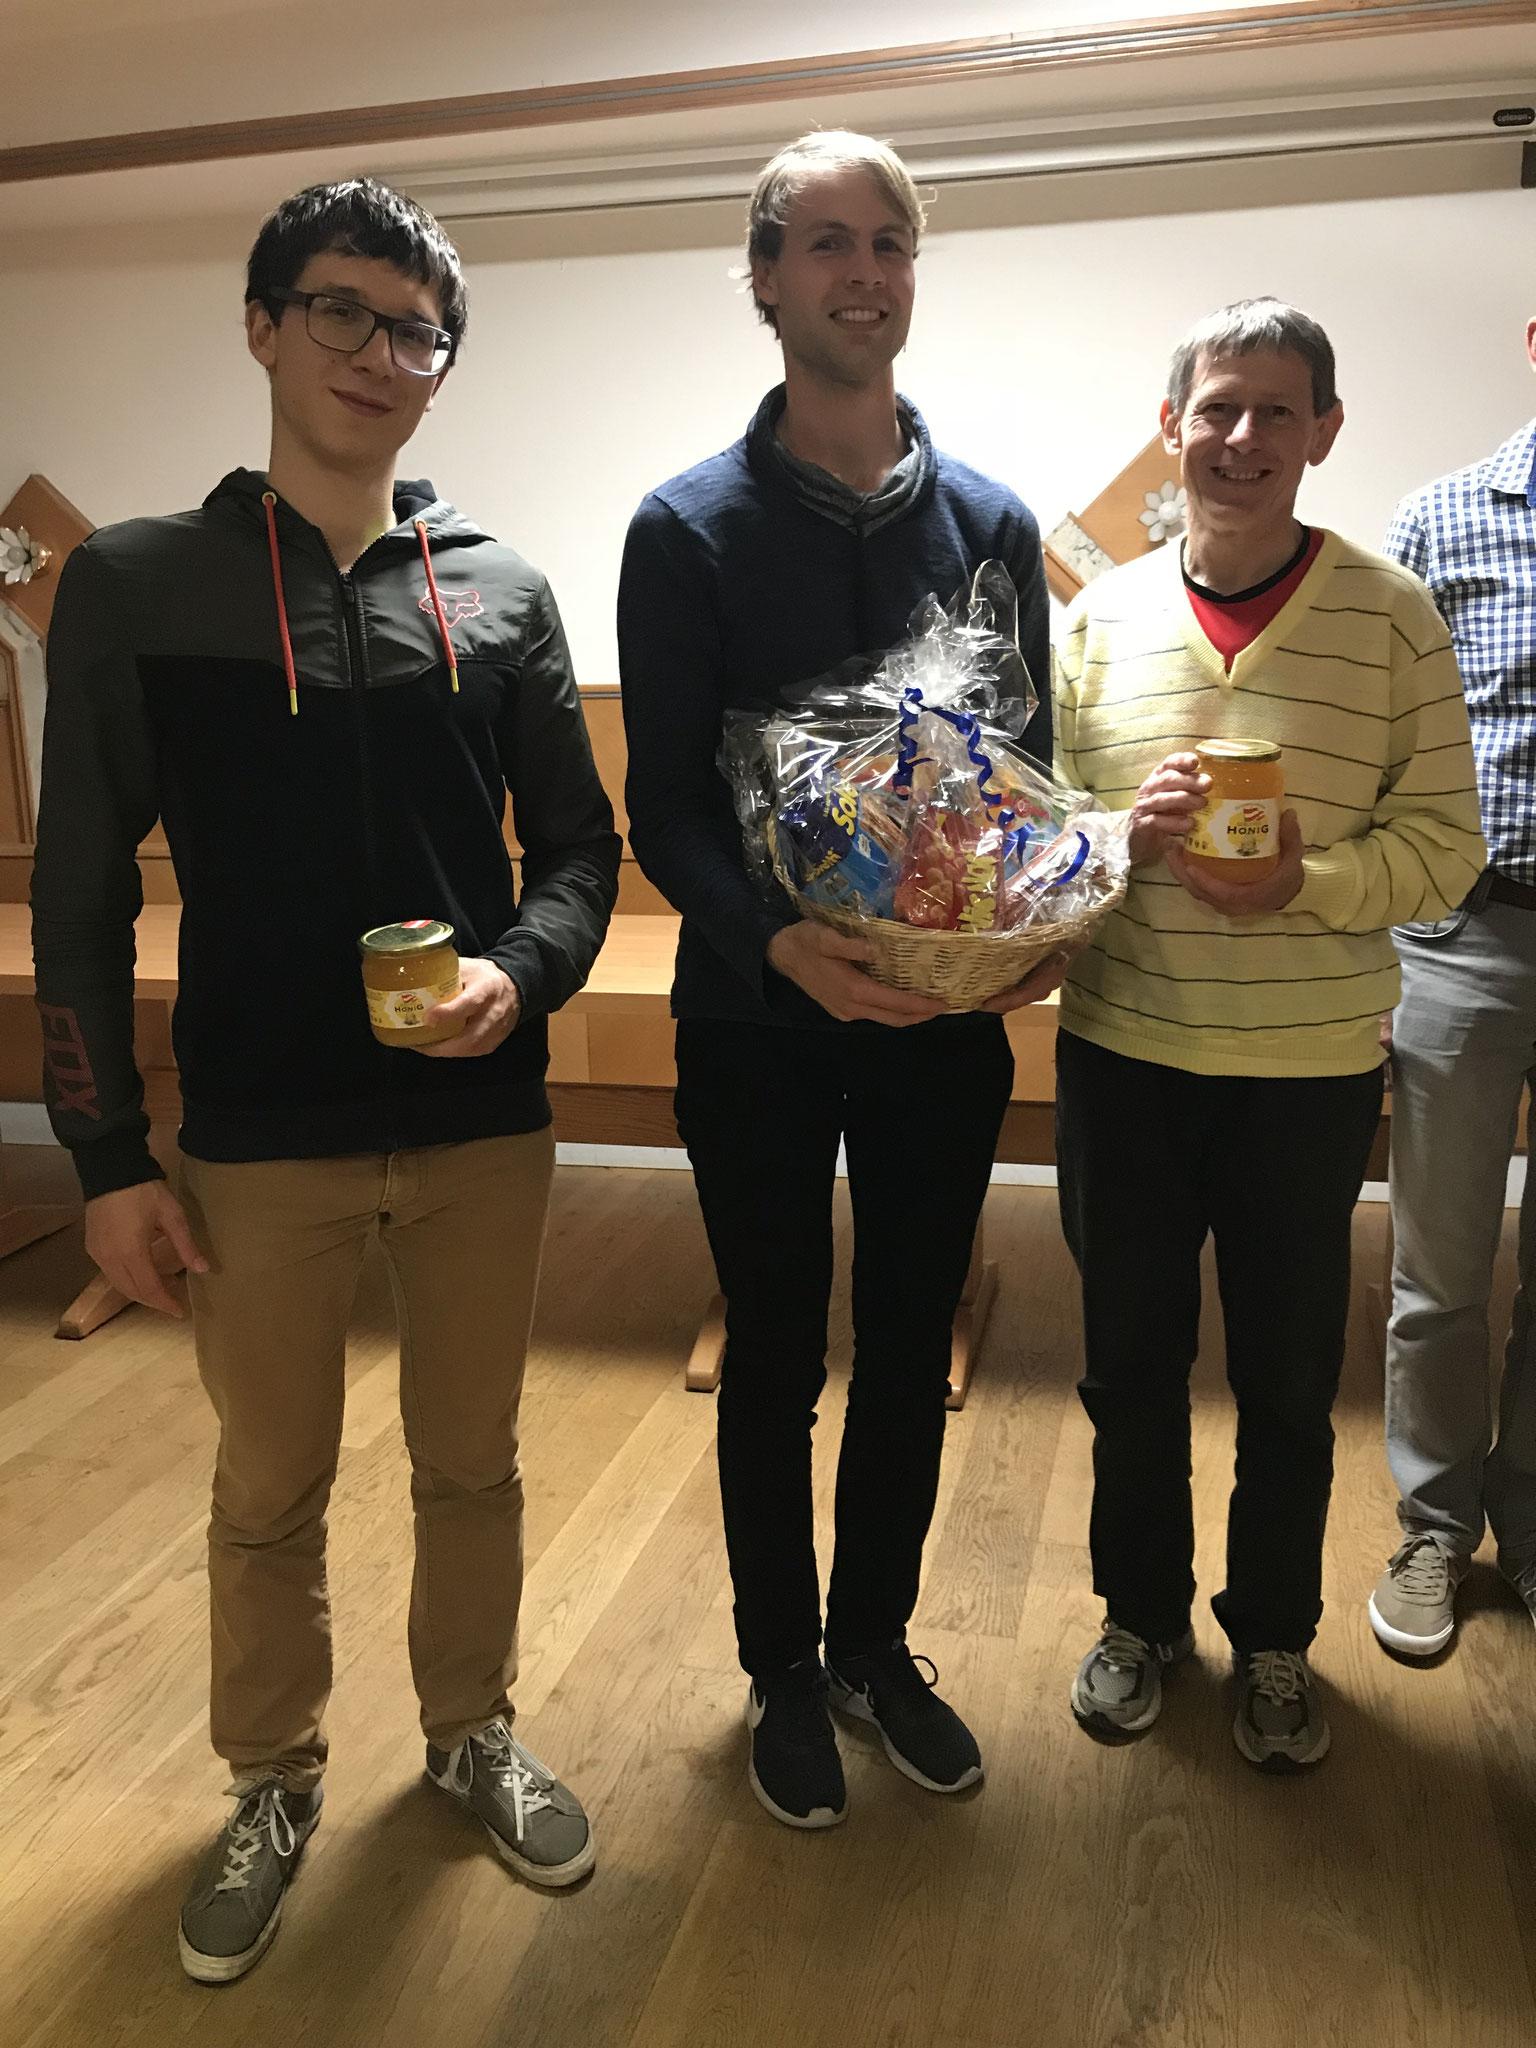 Unsere schnellen Herren vlnr: Michael (3.), Simeon (1.), Ferdinand (2.)